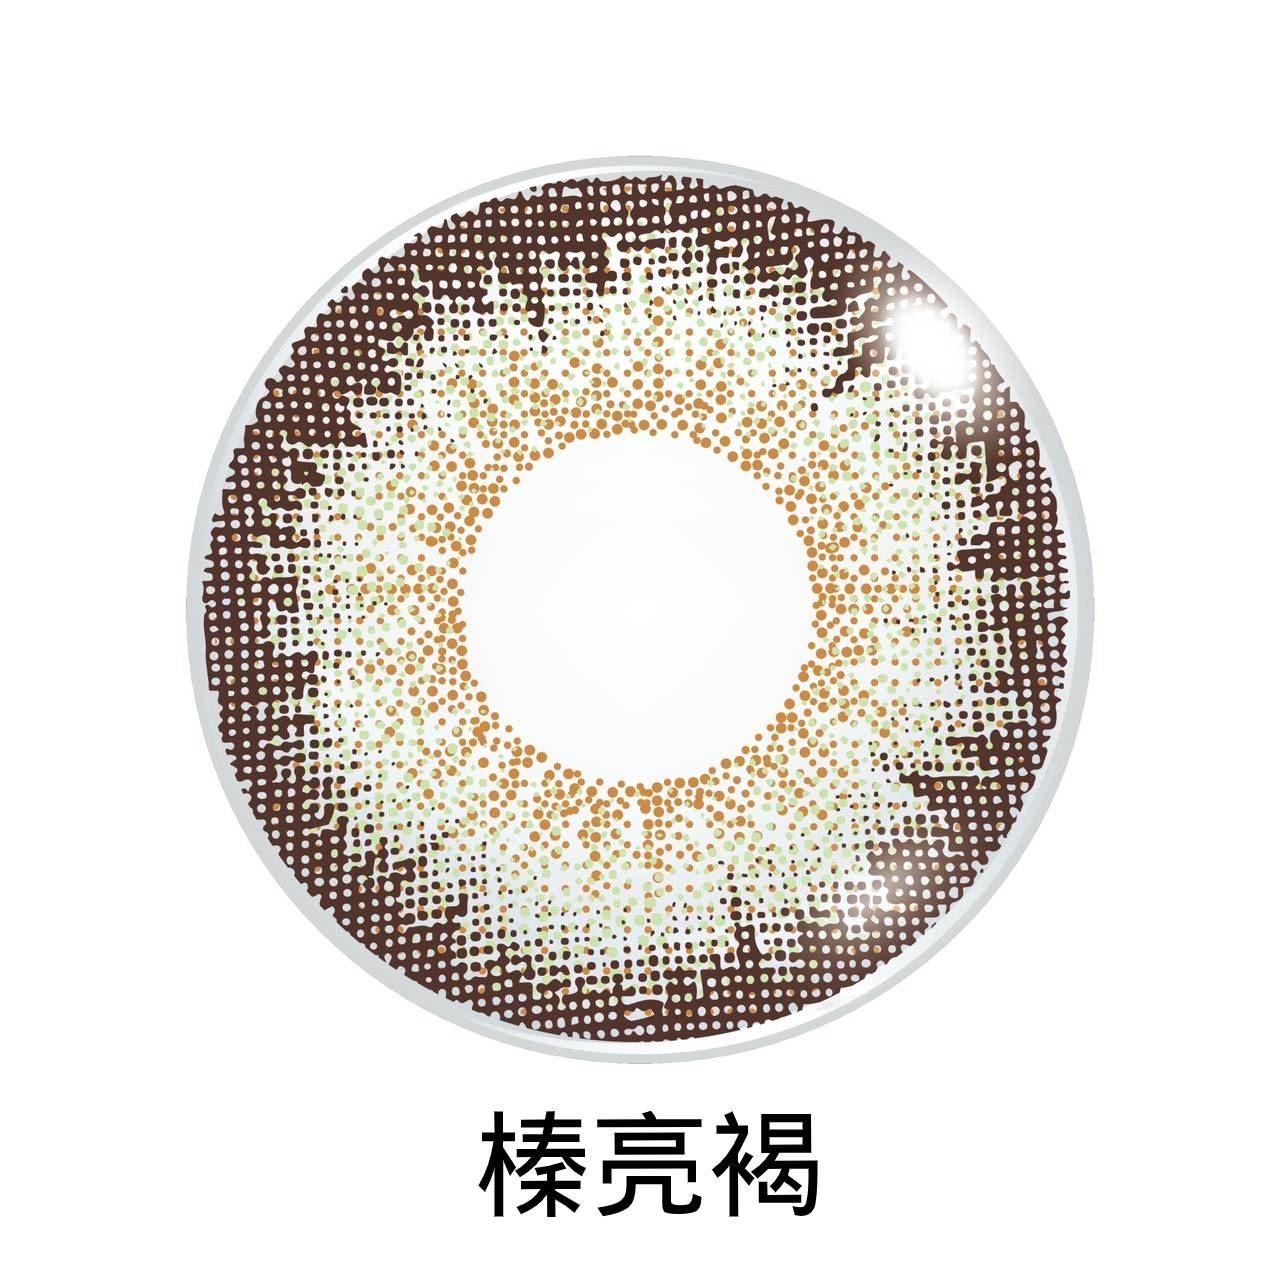 緹艾絲彩色日拋(10片裝)6